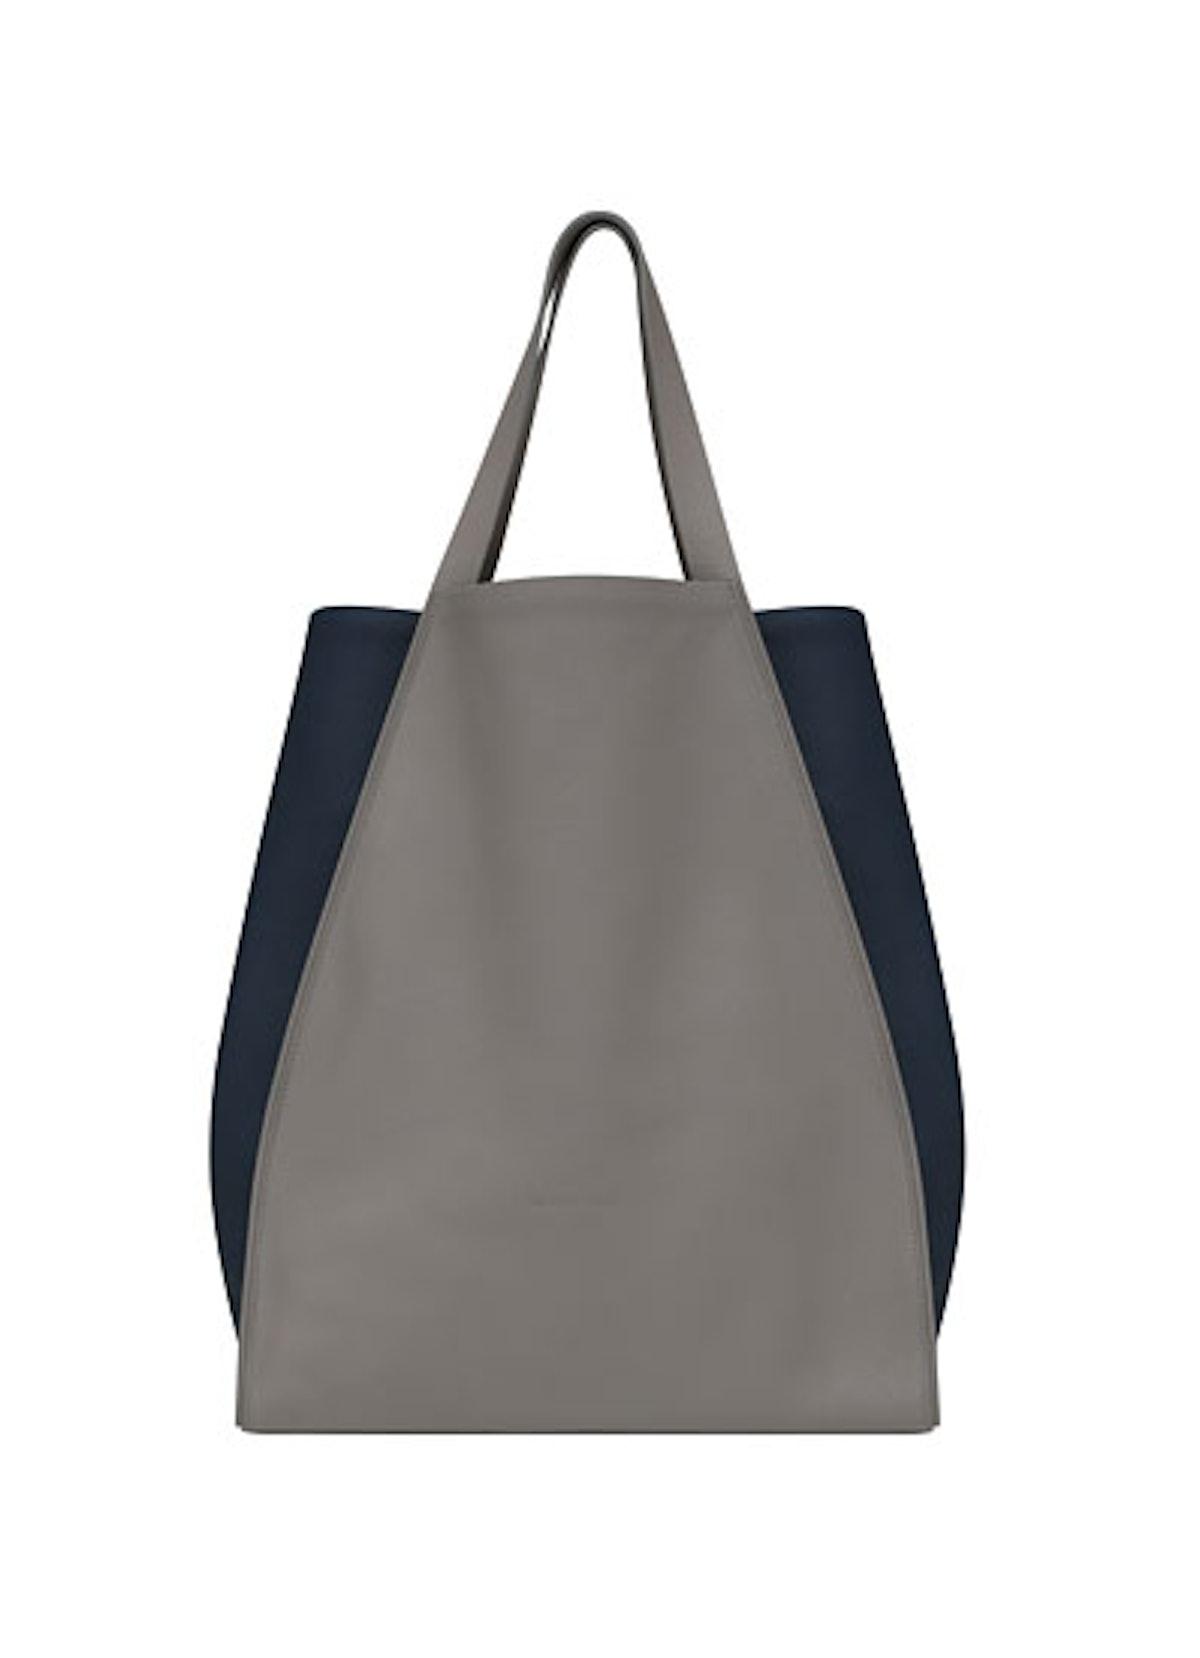 acss-designer-tote-bags-06-v.jpg